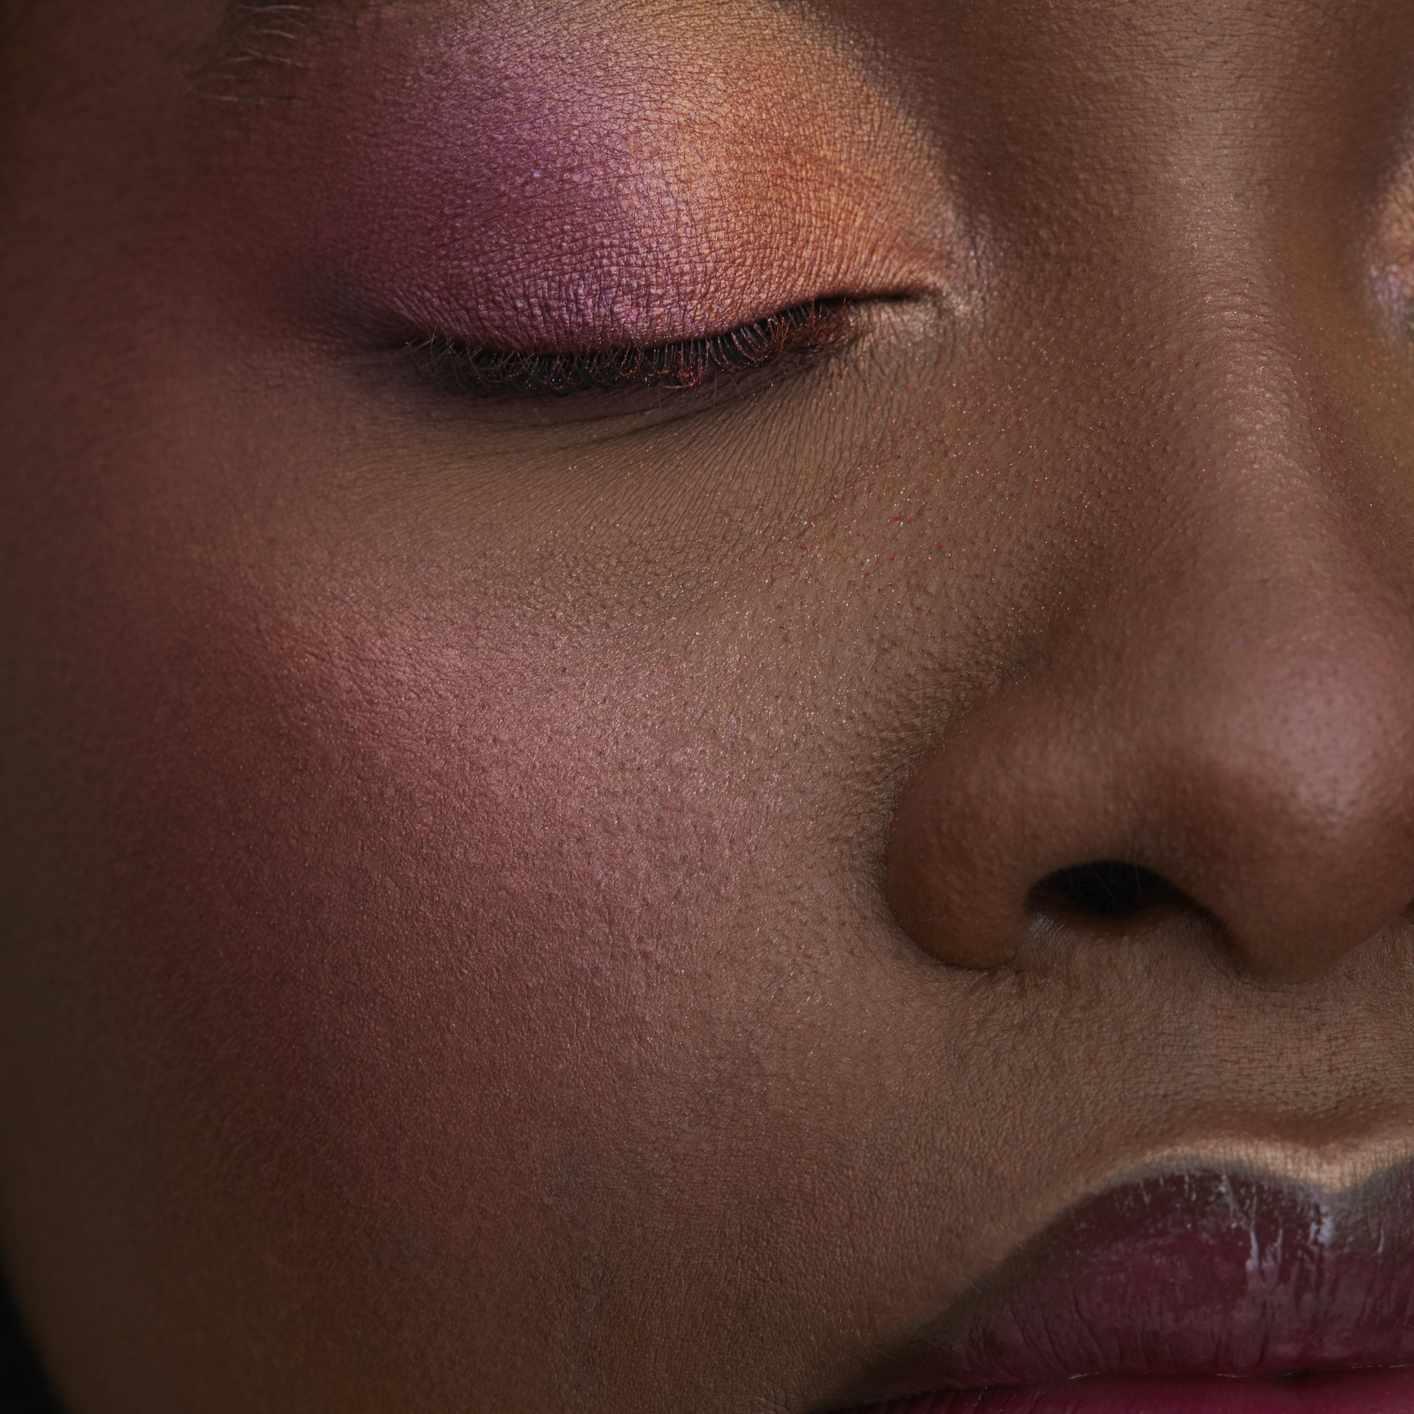 closeup of makeup